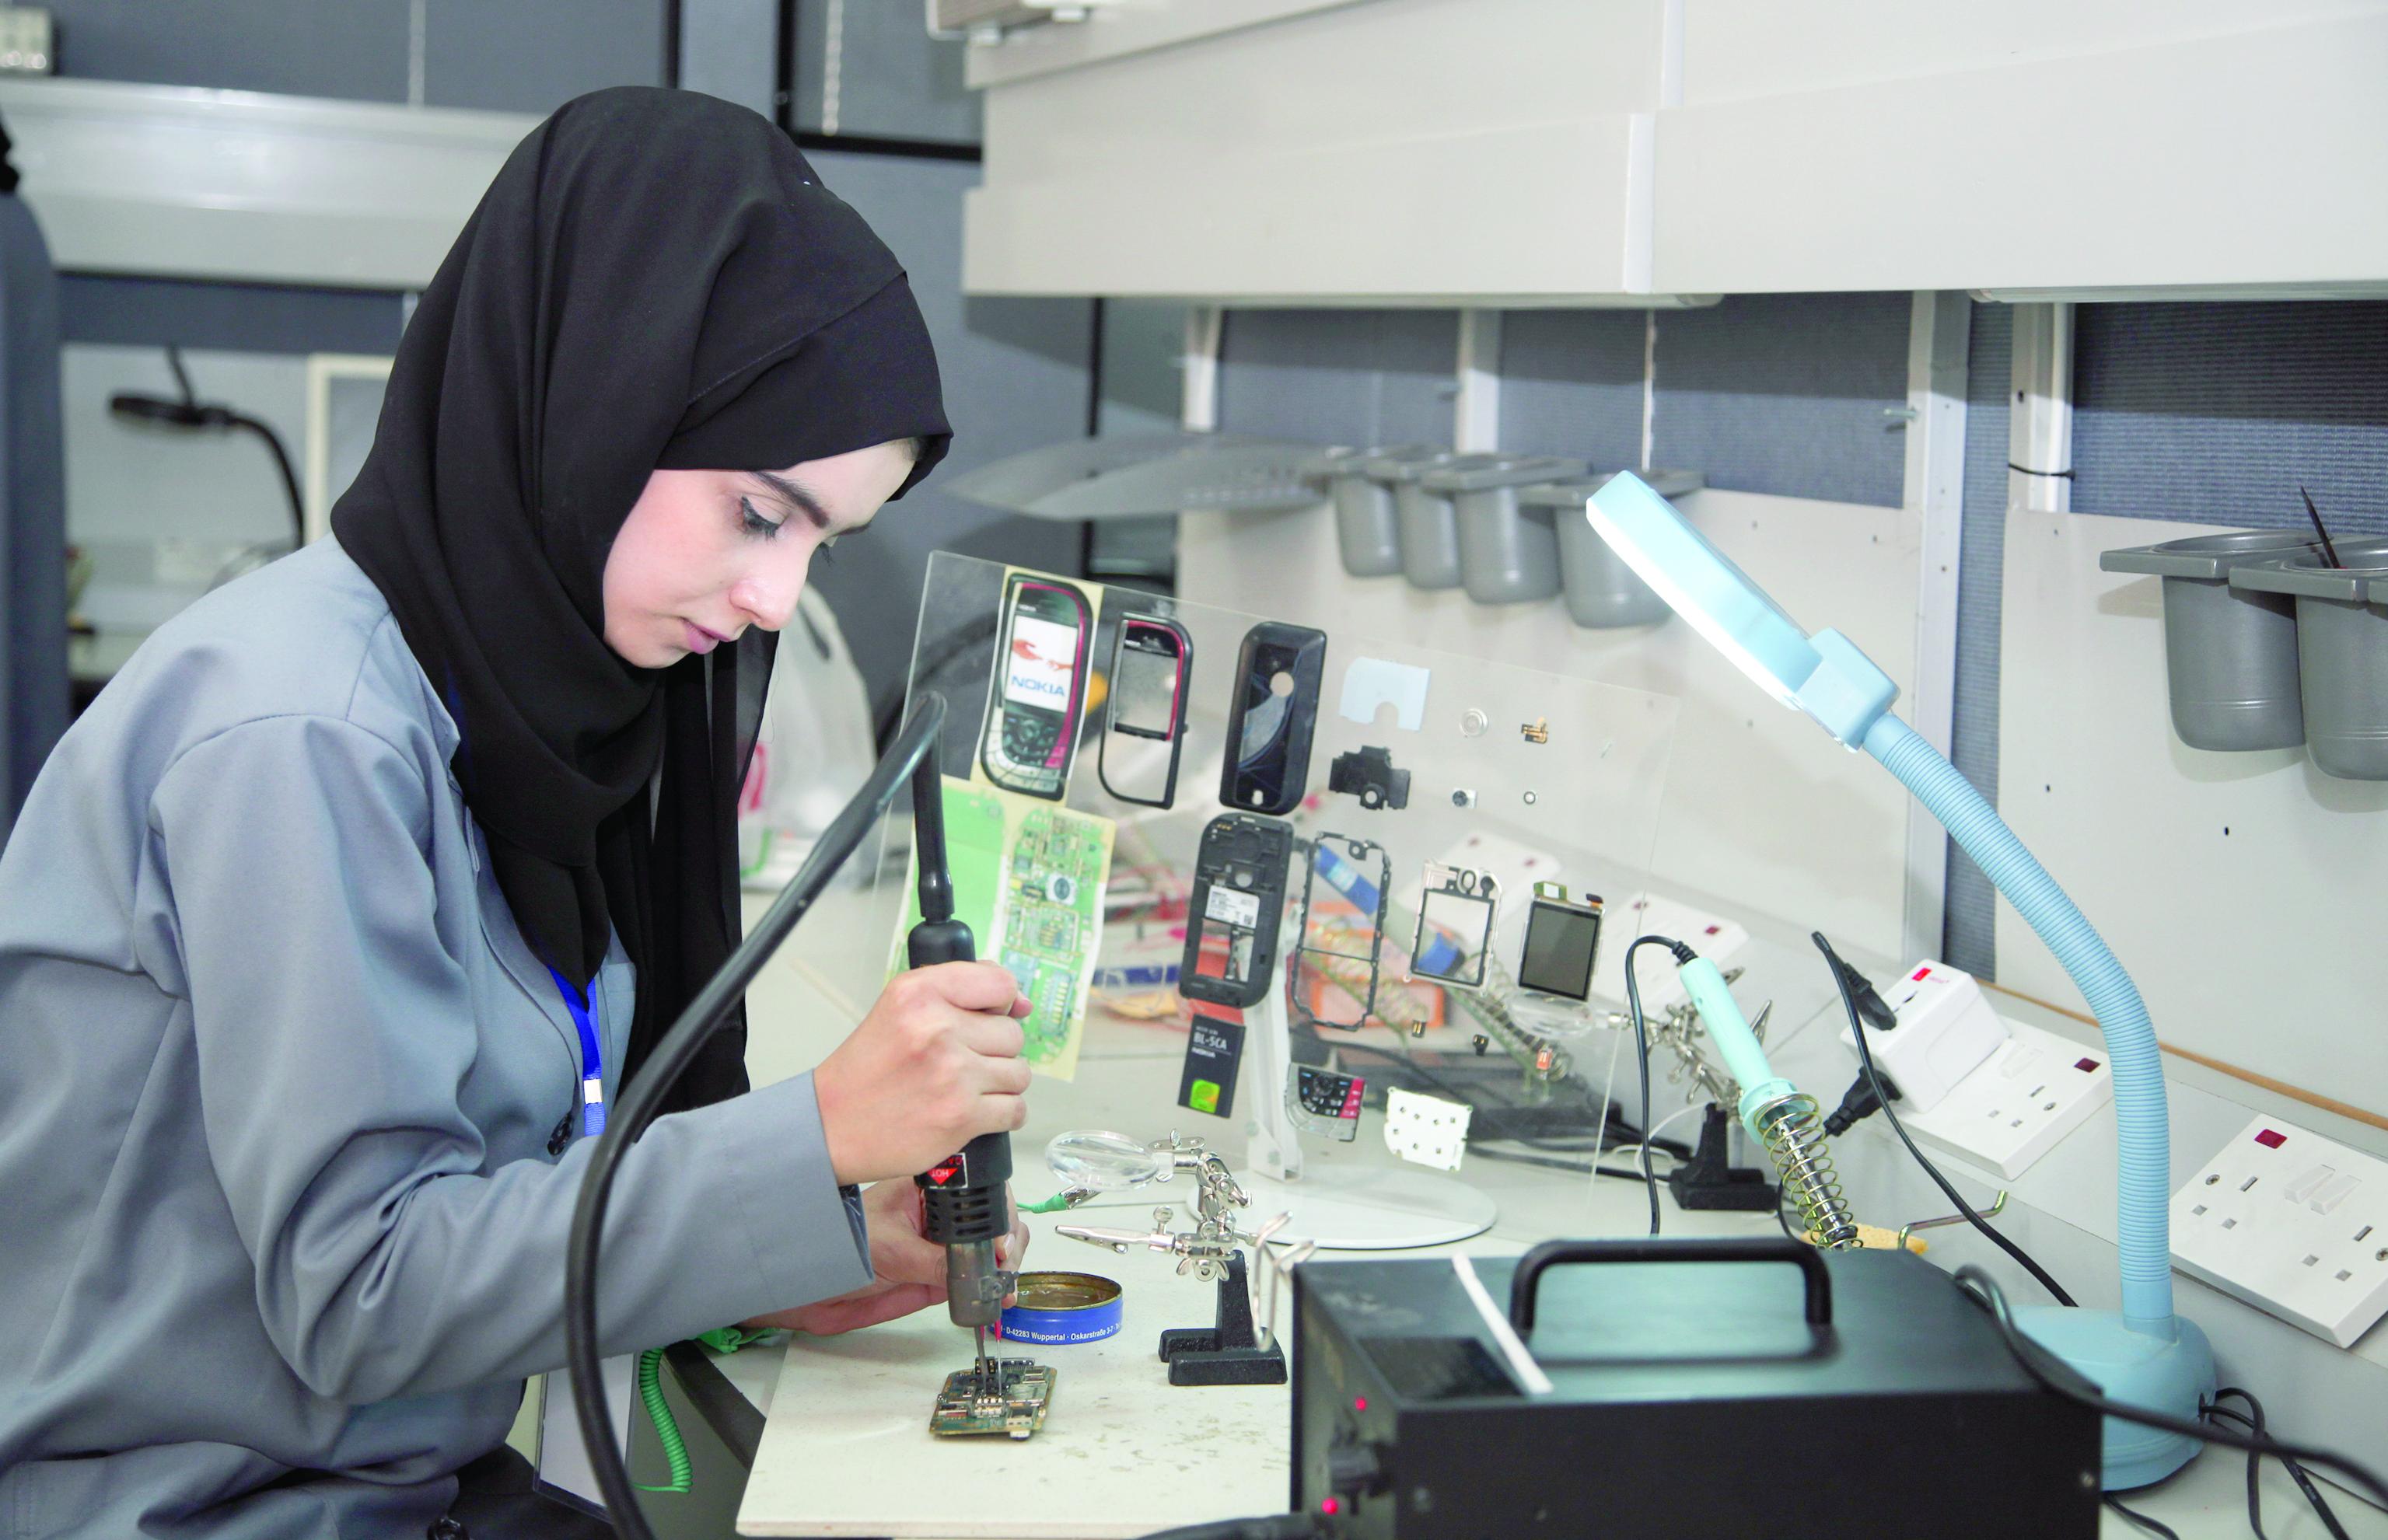 المرأة العُمانية تحضر بقوة في سوق العمل